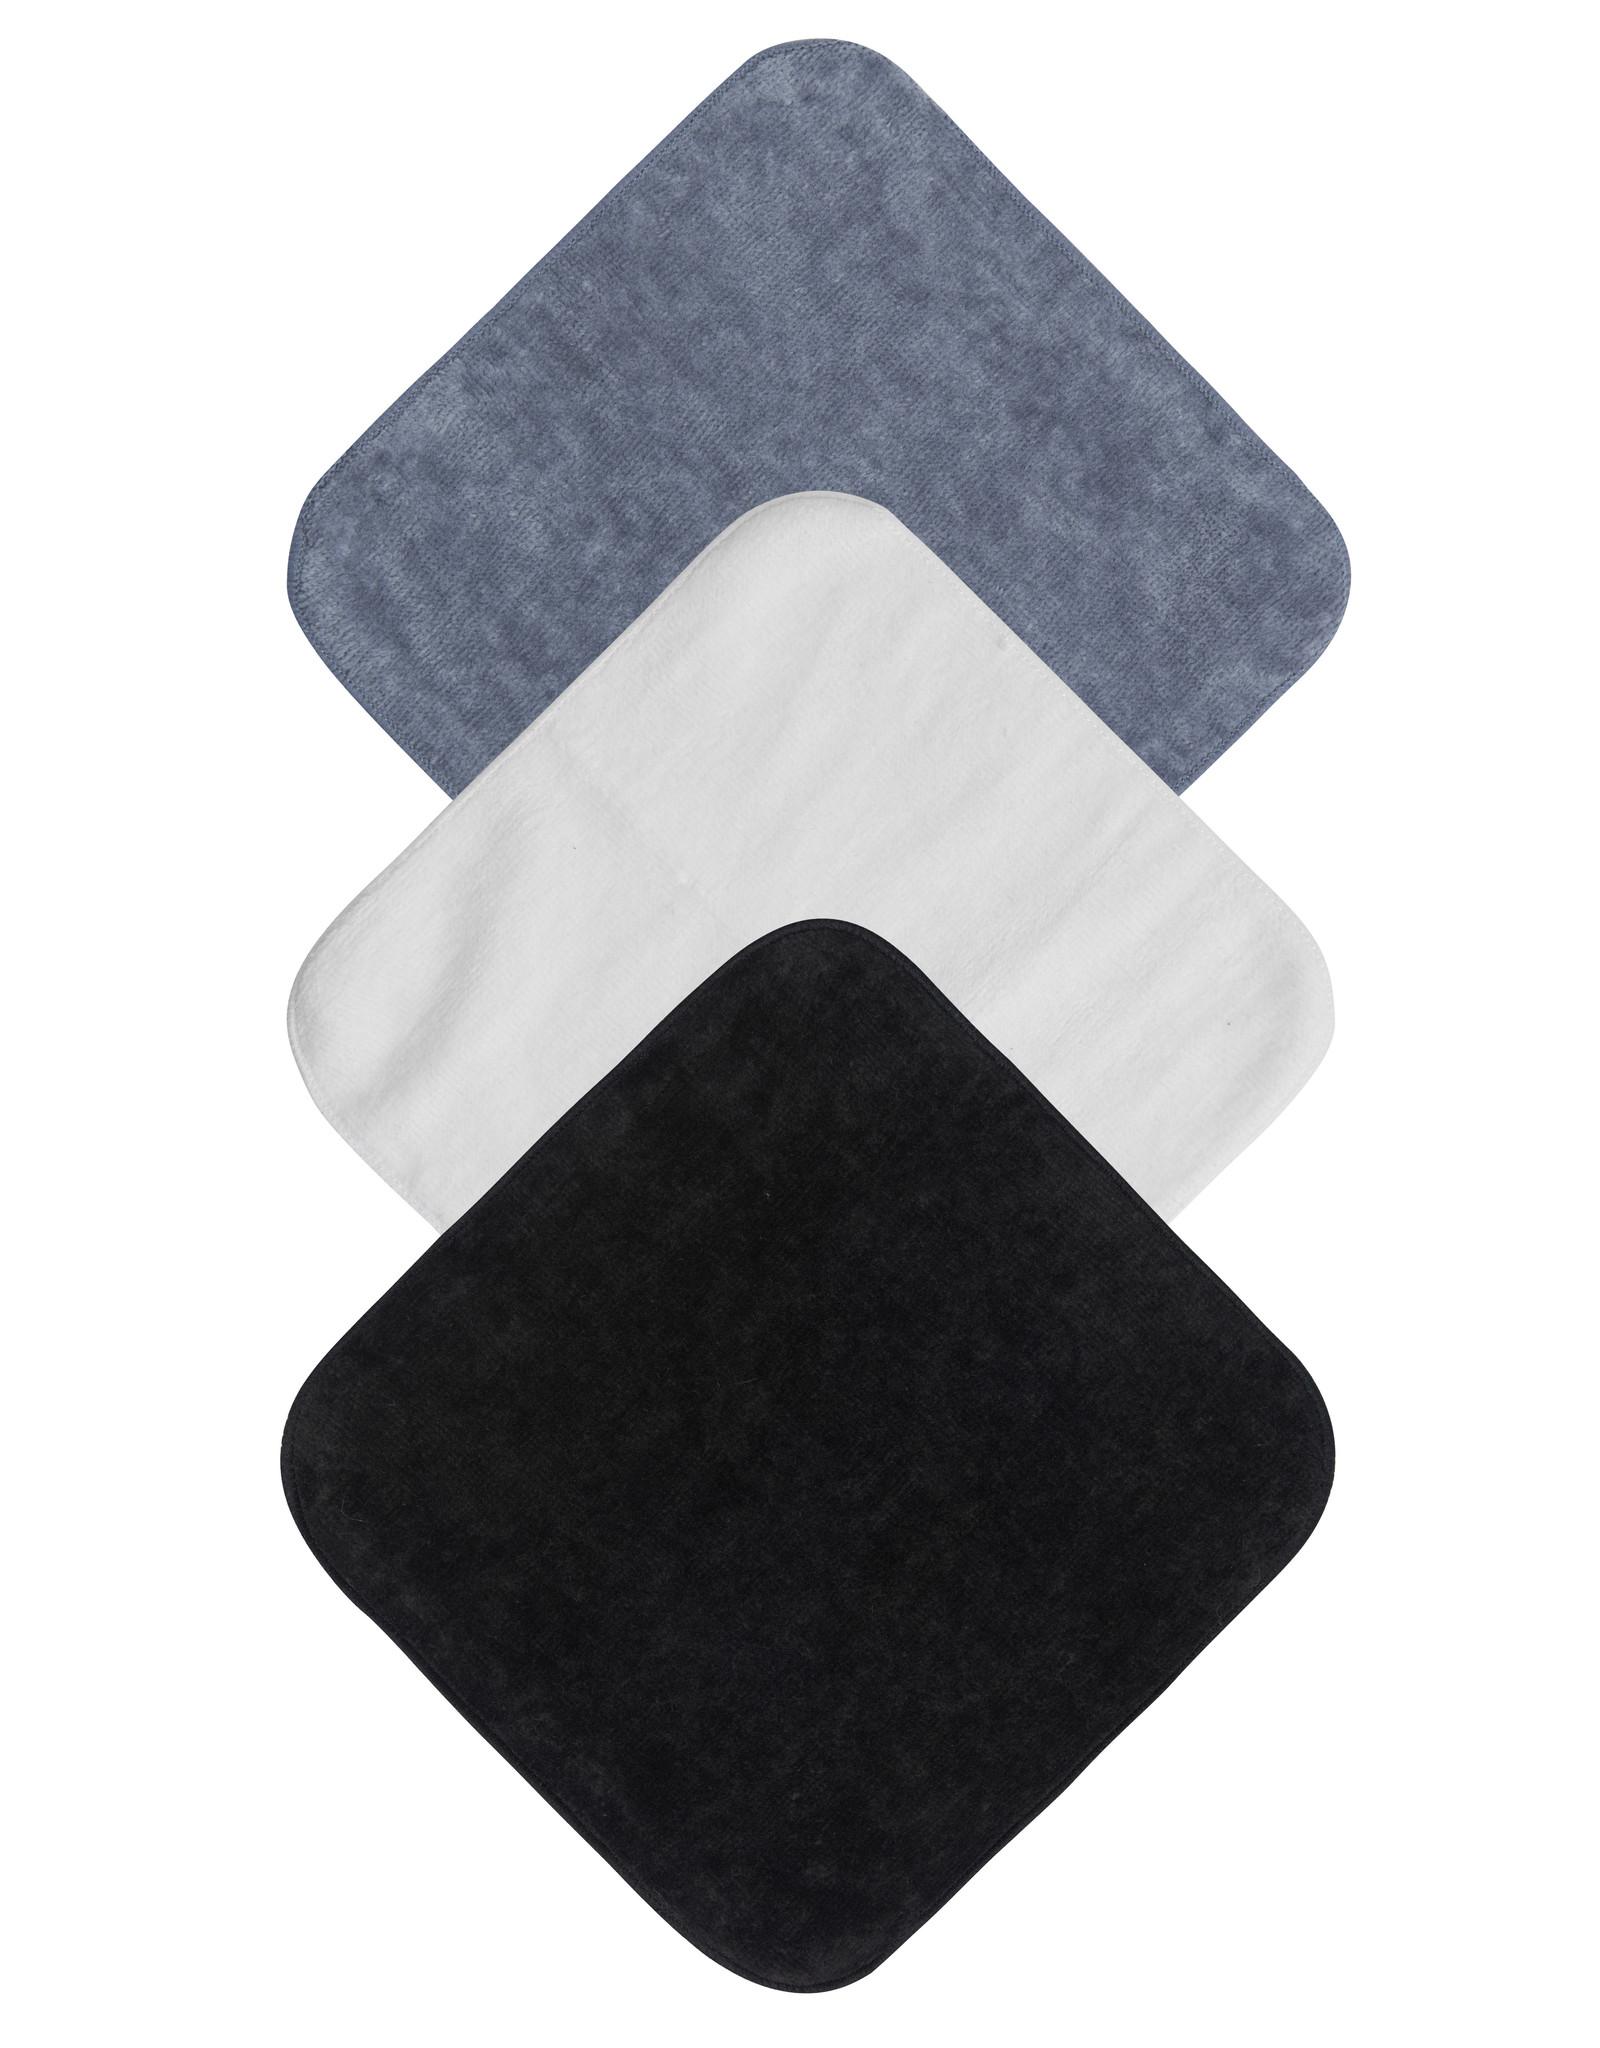 Mum2Mum Face Washers  Marble 6 stuks in een verpakking